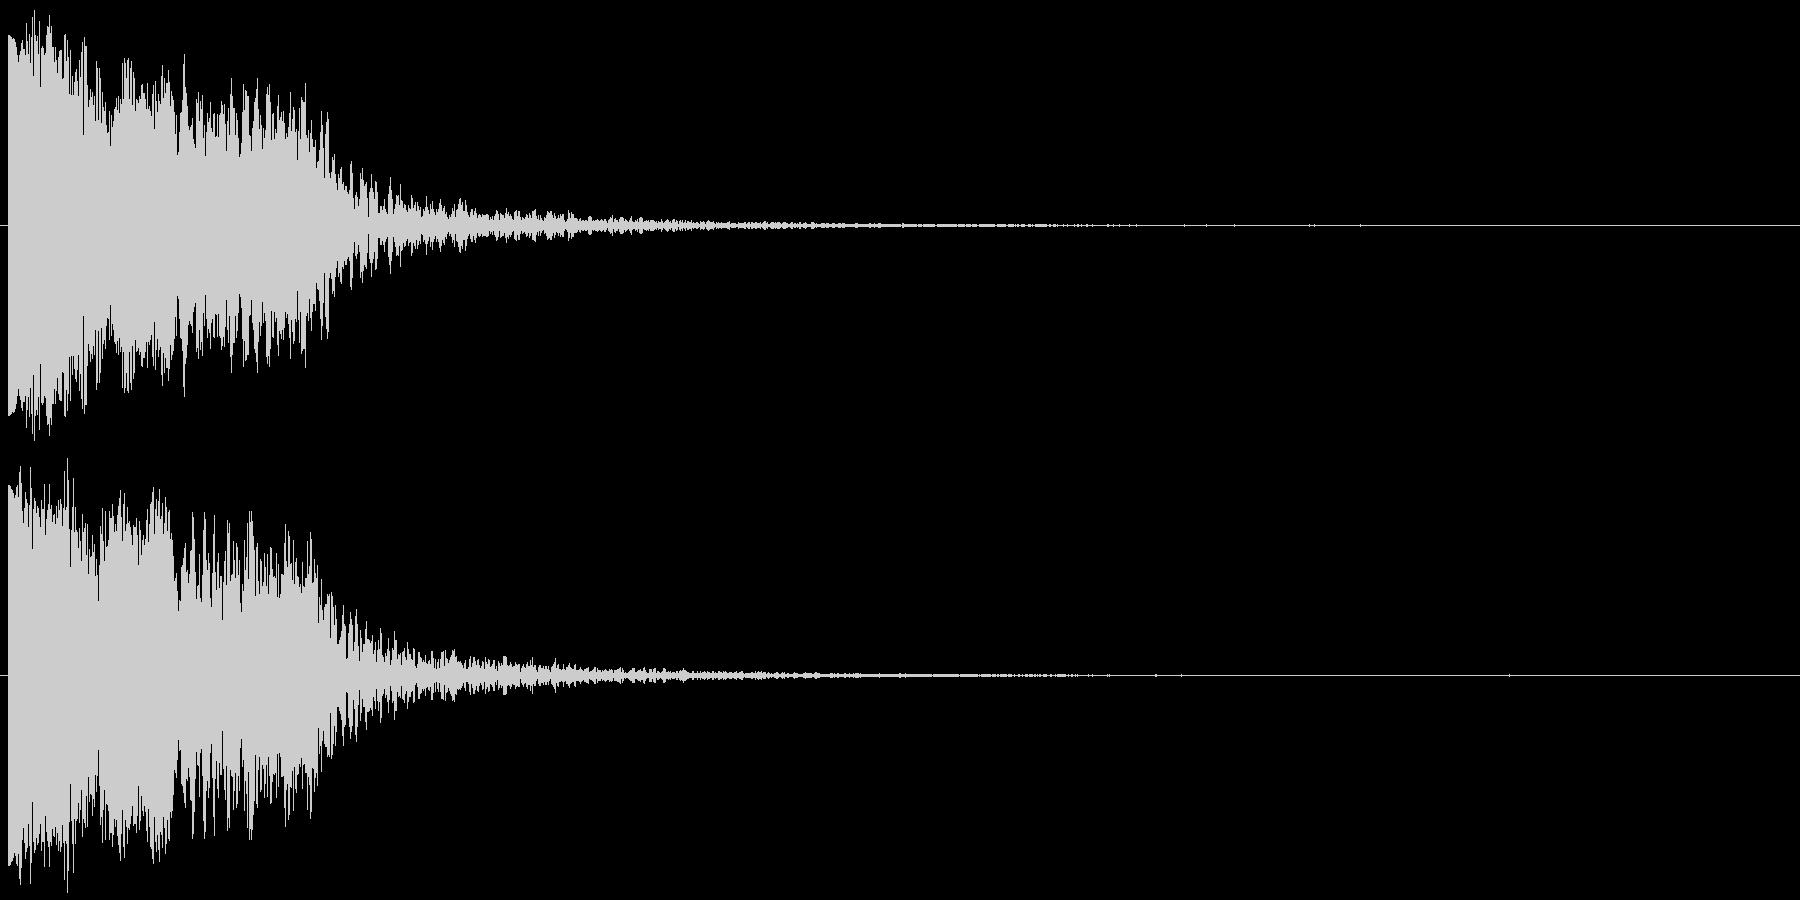 ピヒュオーン ピピョーン クリック選択音の未再生の波形